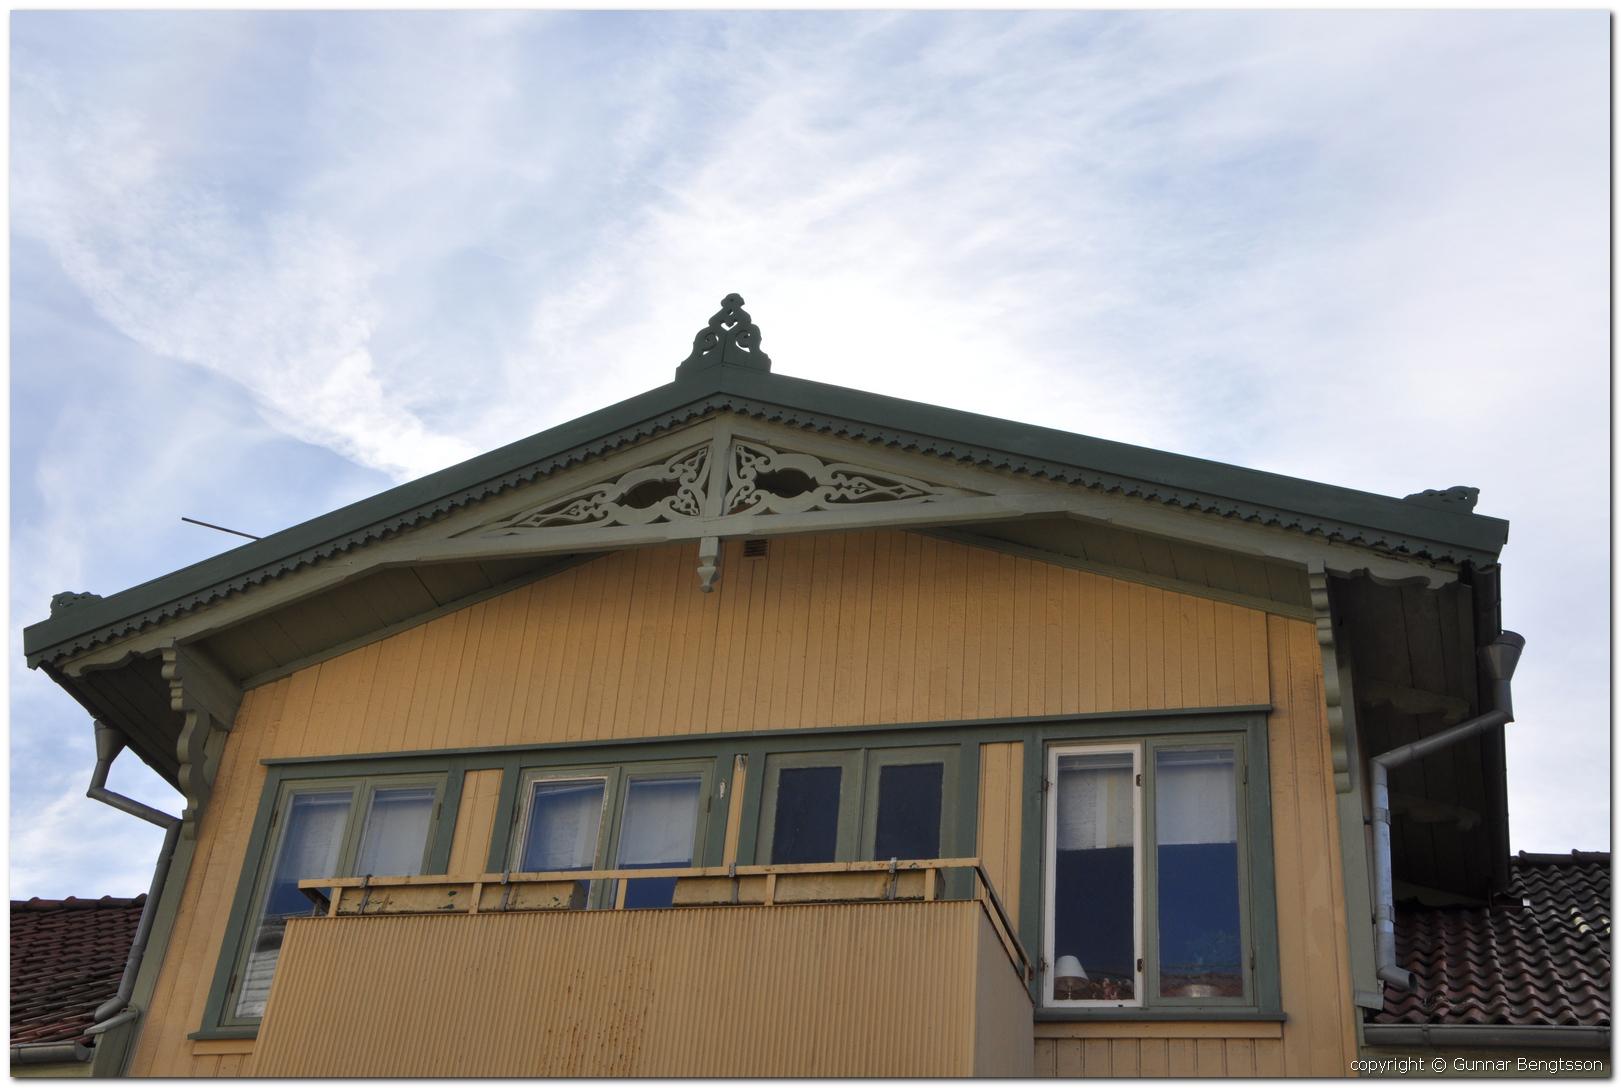 bohuslan_norge_2012-04-01_dsc_3363